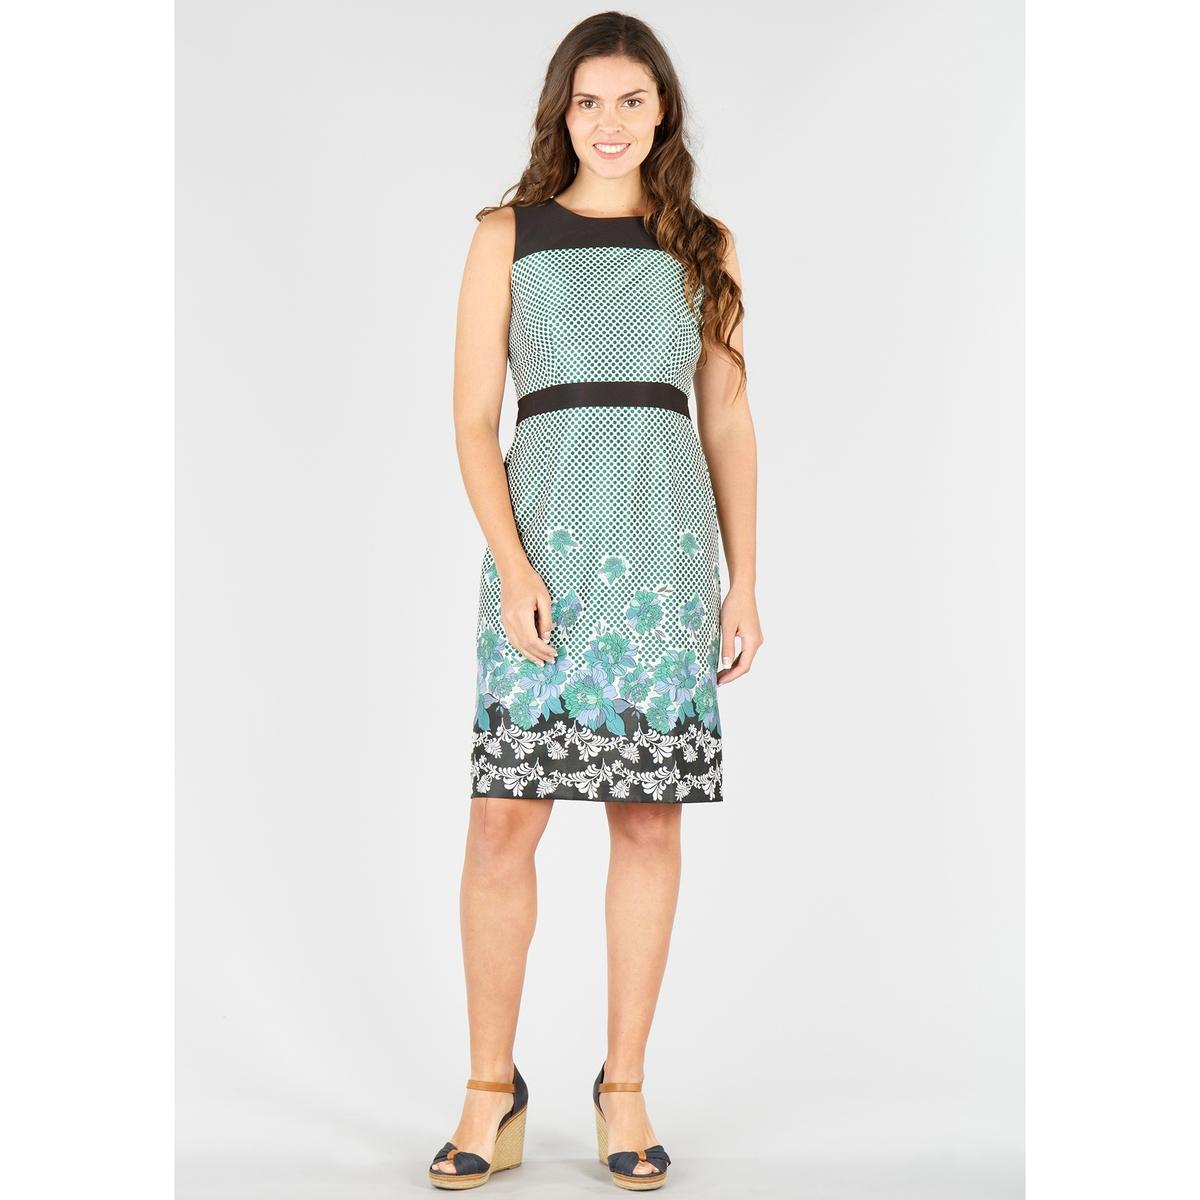 Платье прямое с рисунком в горошек и цветочным рисунком, без рукавов